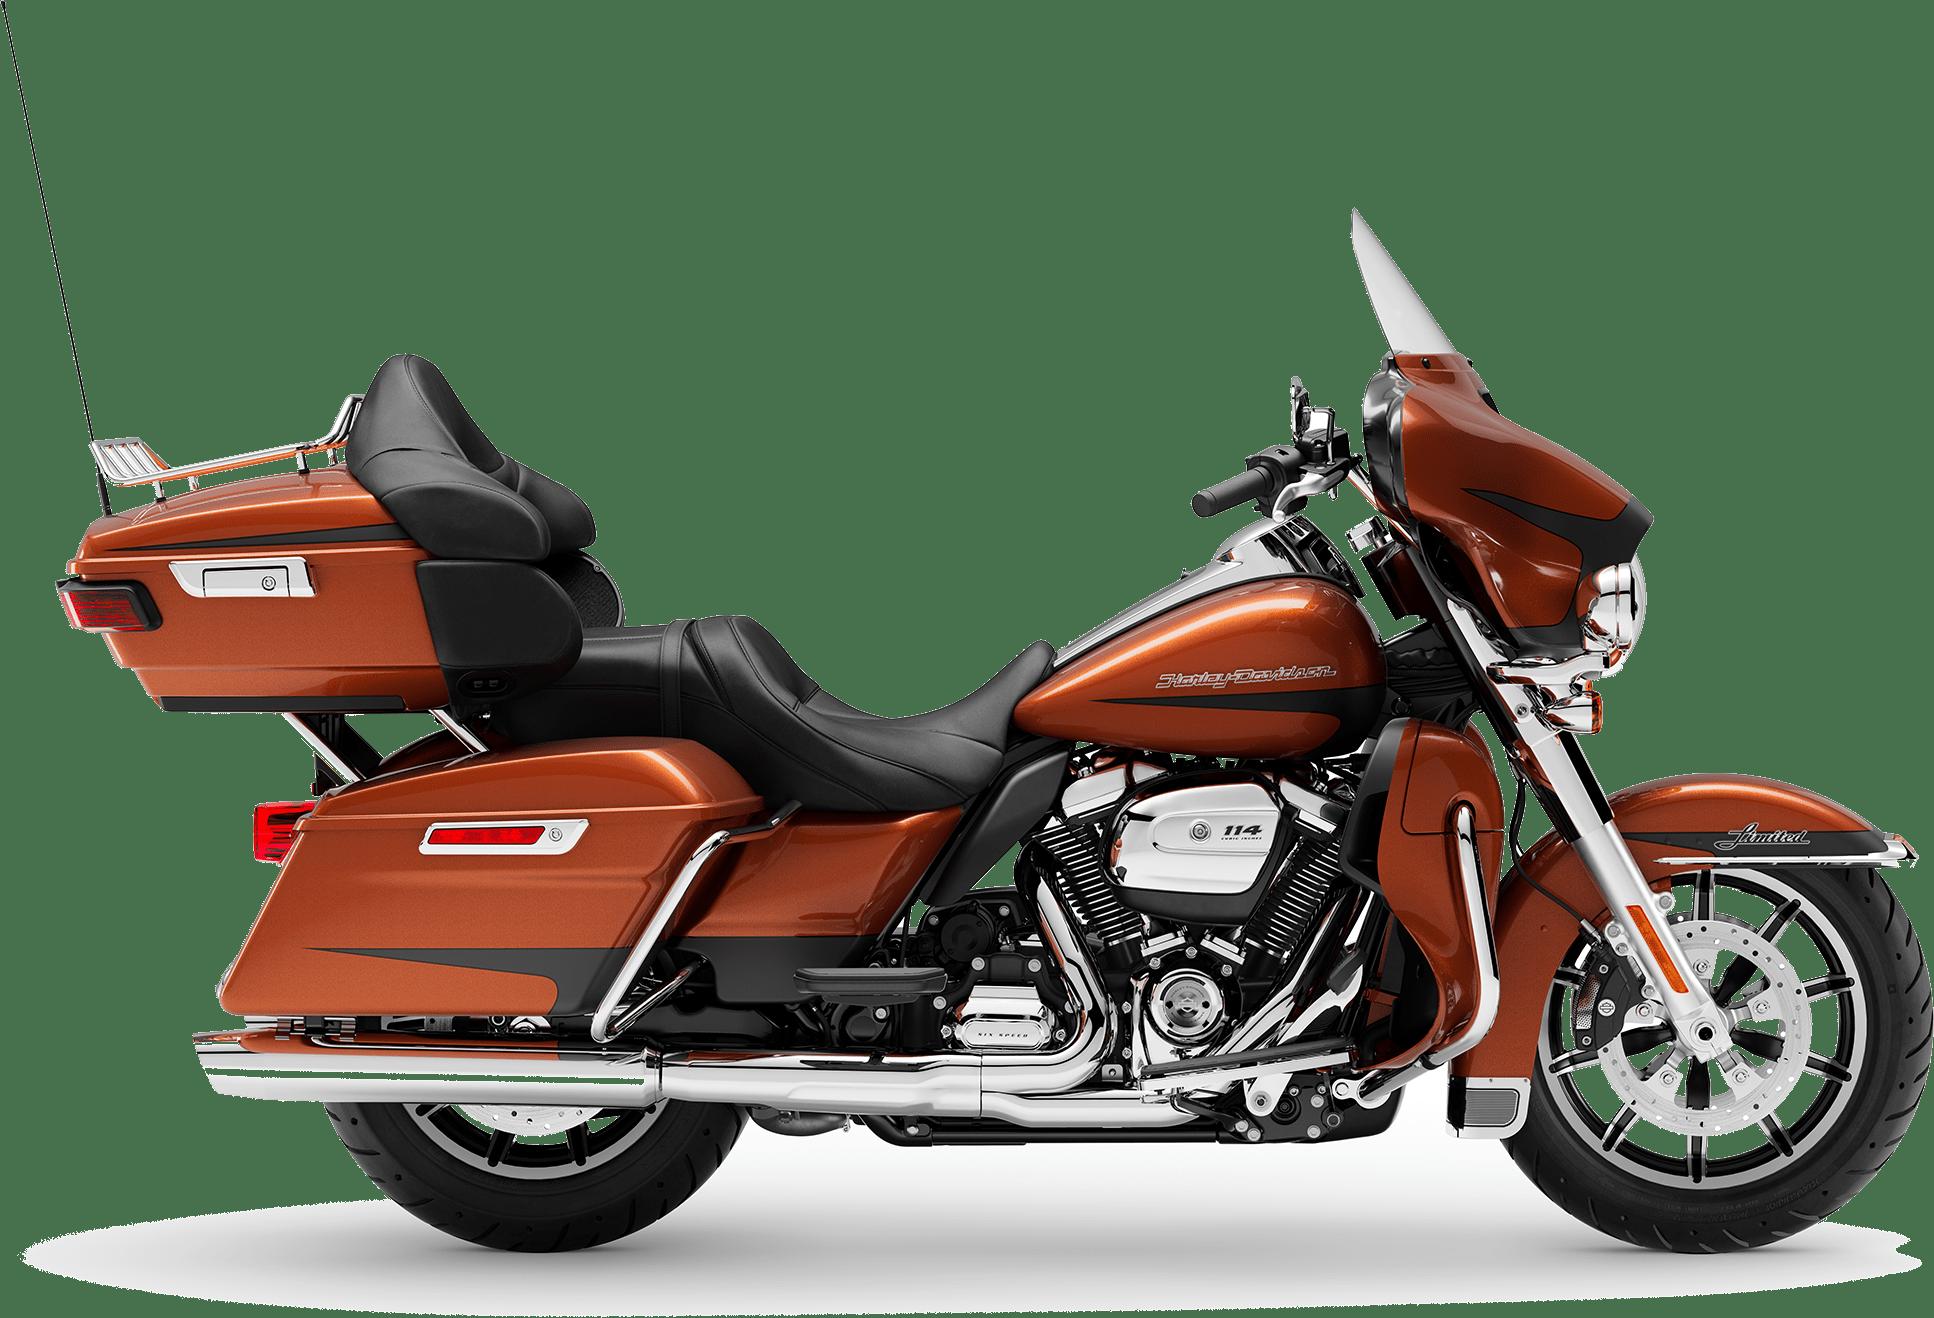 2019 Harley-Davidson H-D Touring Ultra Limited Scorched Orange Black Denim